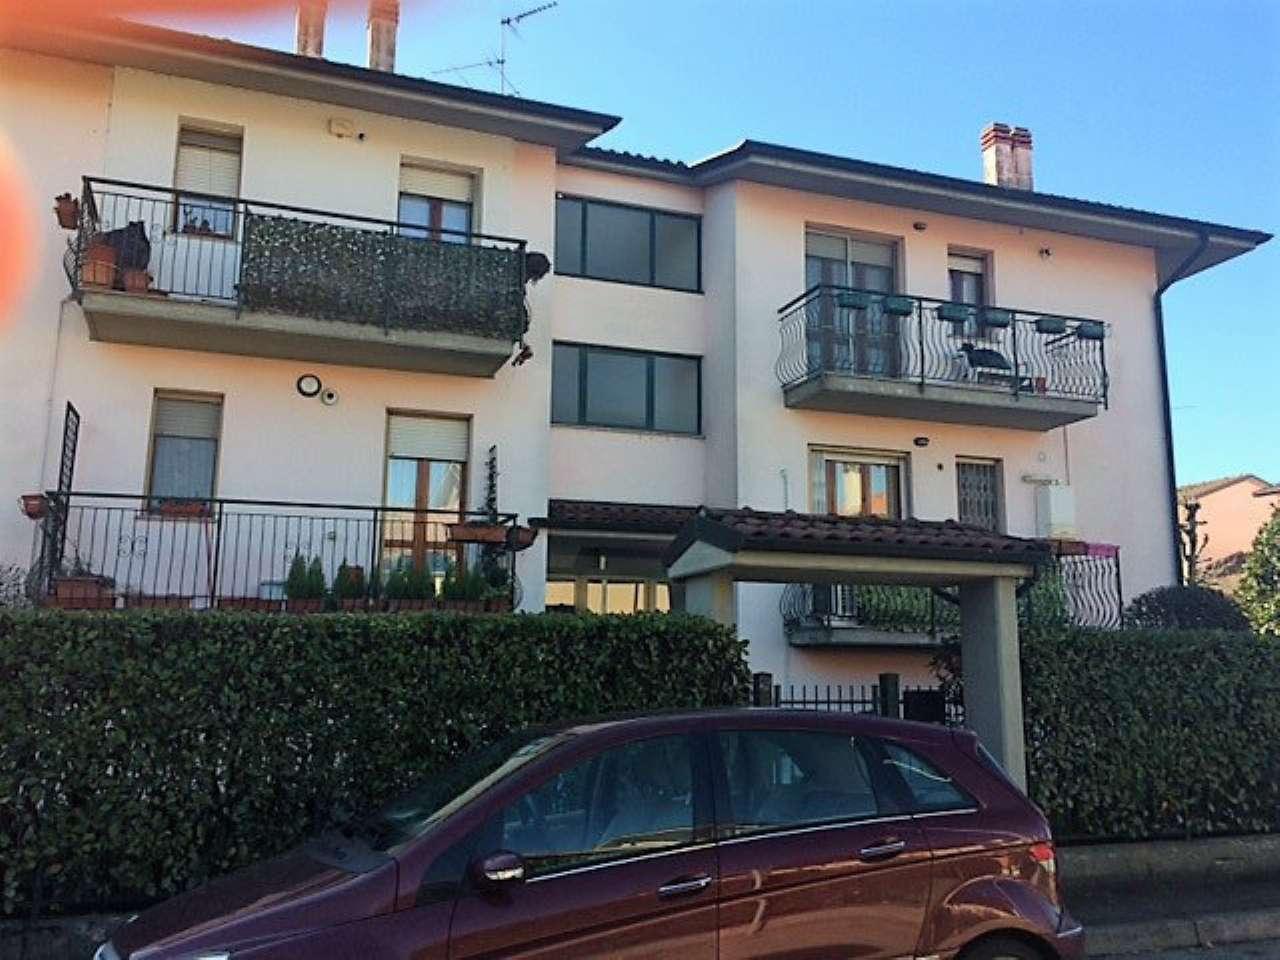 Appartamento in affitto a Valera Fratta, 2 locali, prezzo € 350 | Cambio Casa.it